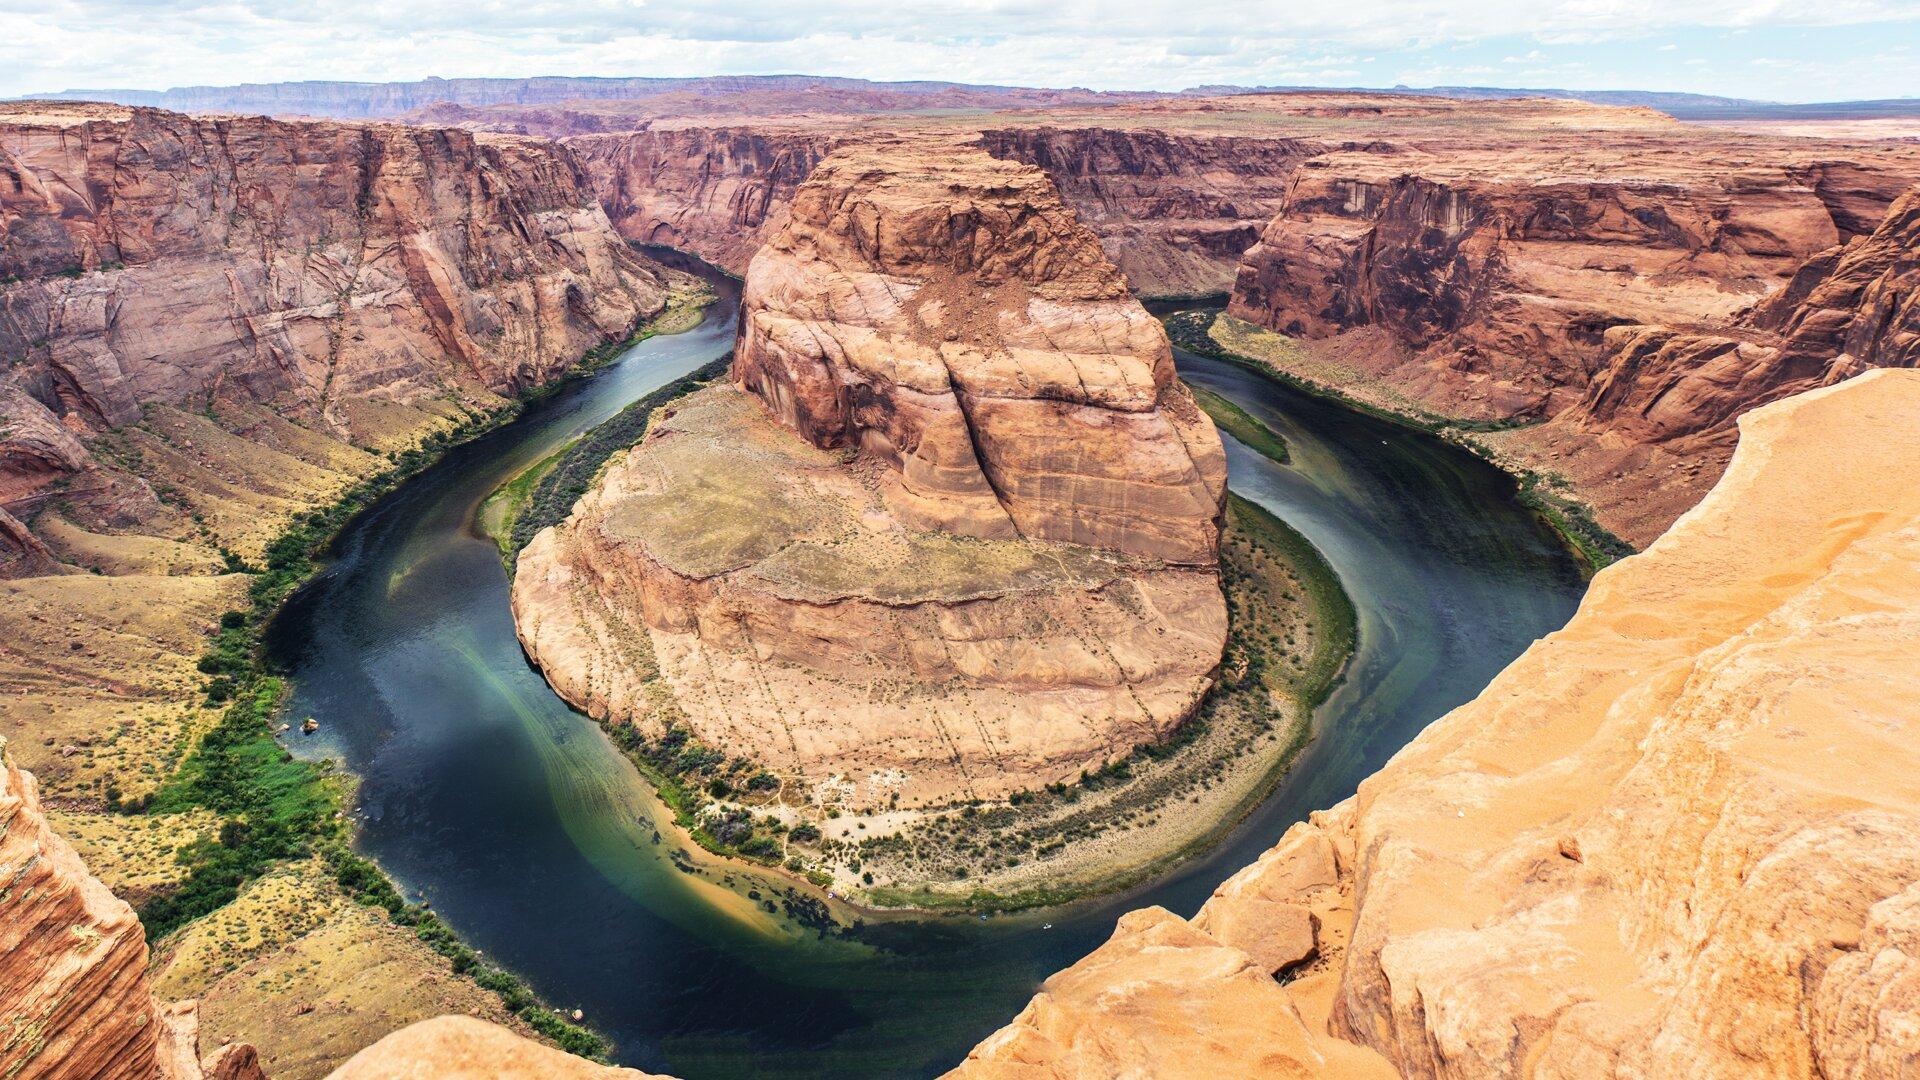 Zdjęcie przedstawia skalistą, jałową, bez roślinności równinę. Równina przecięta jest kanionem przez który płynie rzeka. Zdjęcie zrobione jest zwysokiego brzegu. Wcentrum fotografii pokazany jest meander jaki tworzy rzeka opływając wysoki skalisty cypel. Wody rzeki mają kolor ciemnoniebieski. Brzegi rzeki są zielone, porośnięte niską roślinnością. Widać przekrój skał na ścianach kanionu.